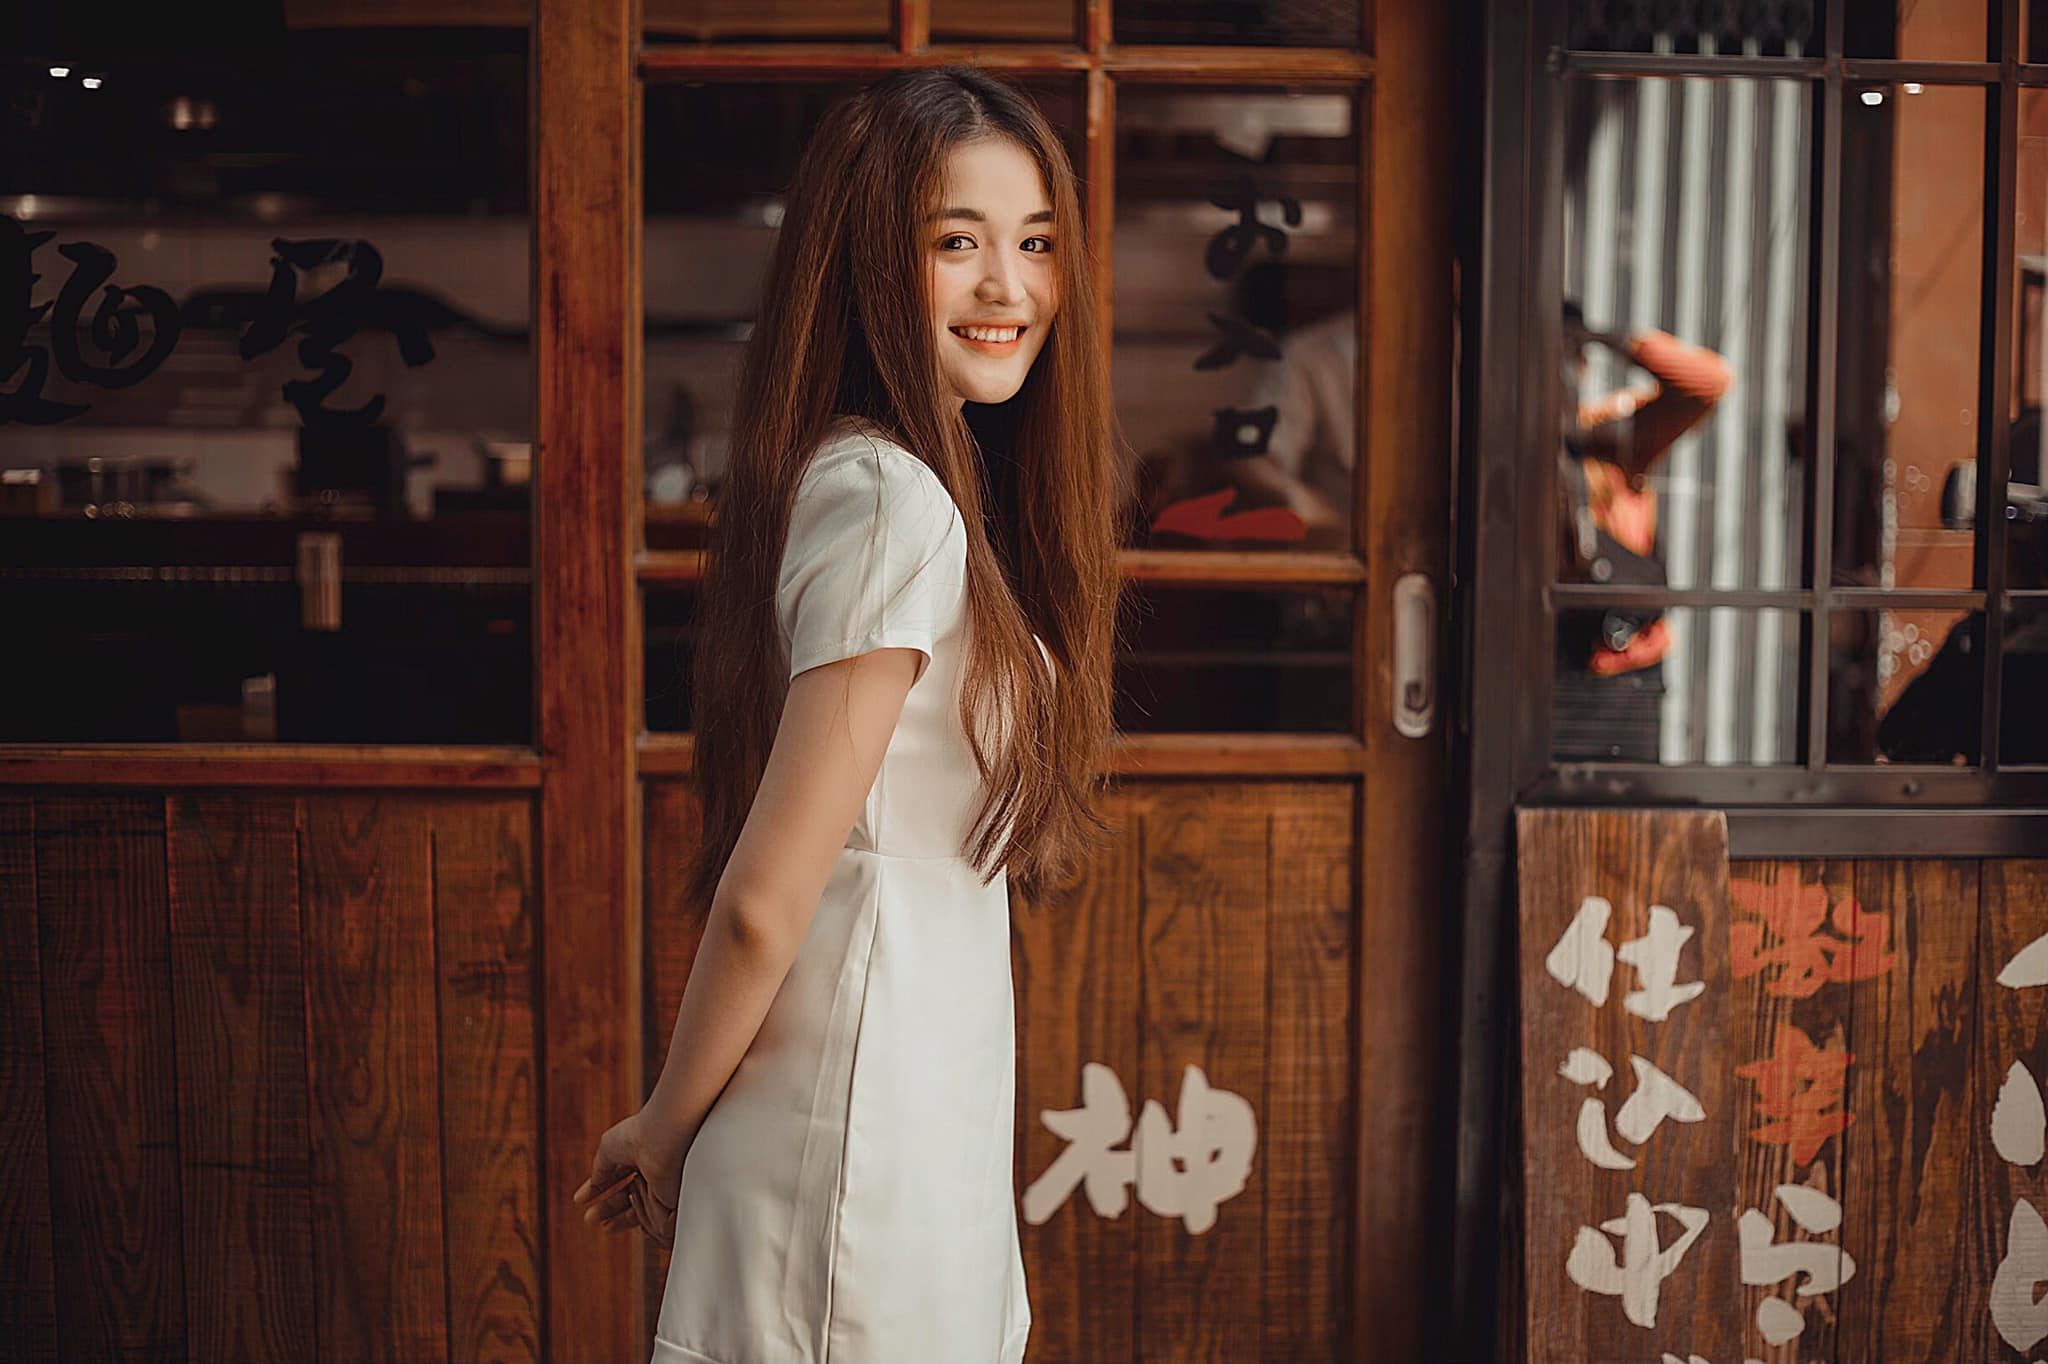 Nữ sinh Hutech xinh đẹp, tài năng và giàu lòng nhân ái